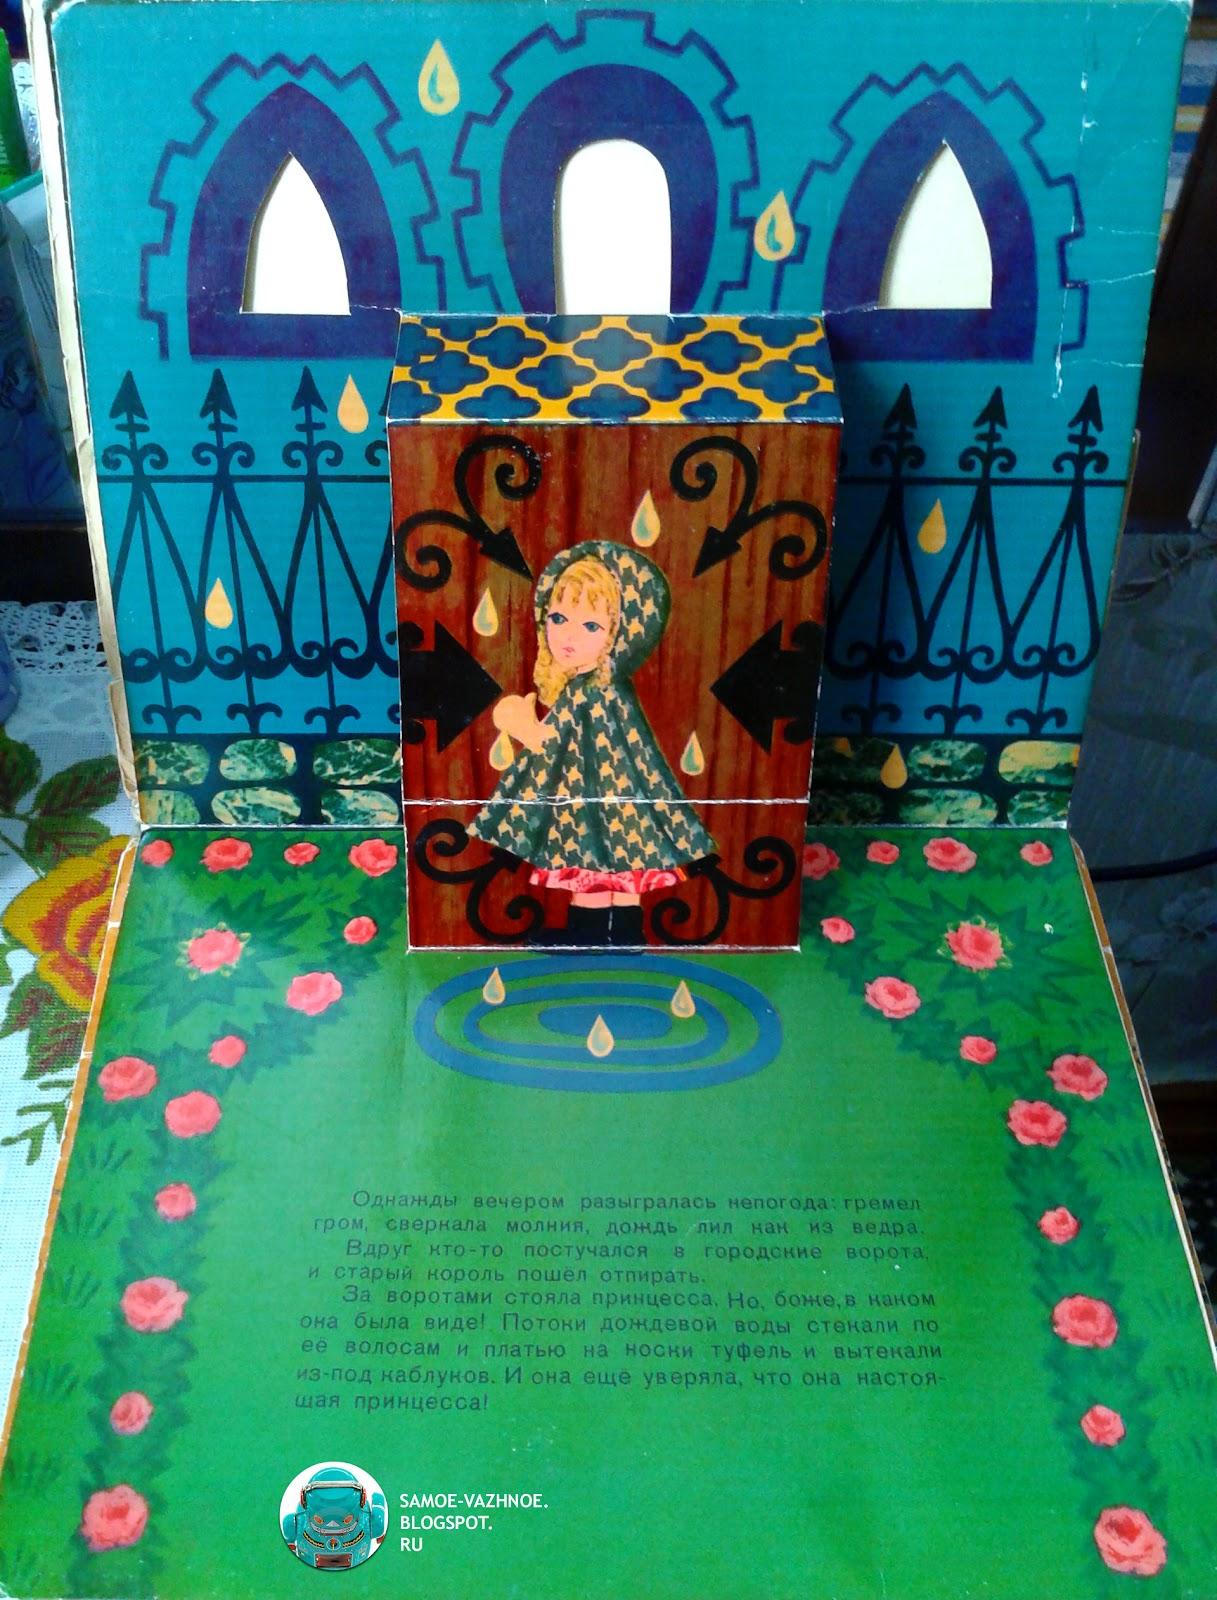 Принцесса на горошине книга скачать бесплатно